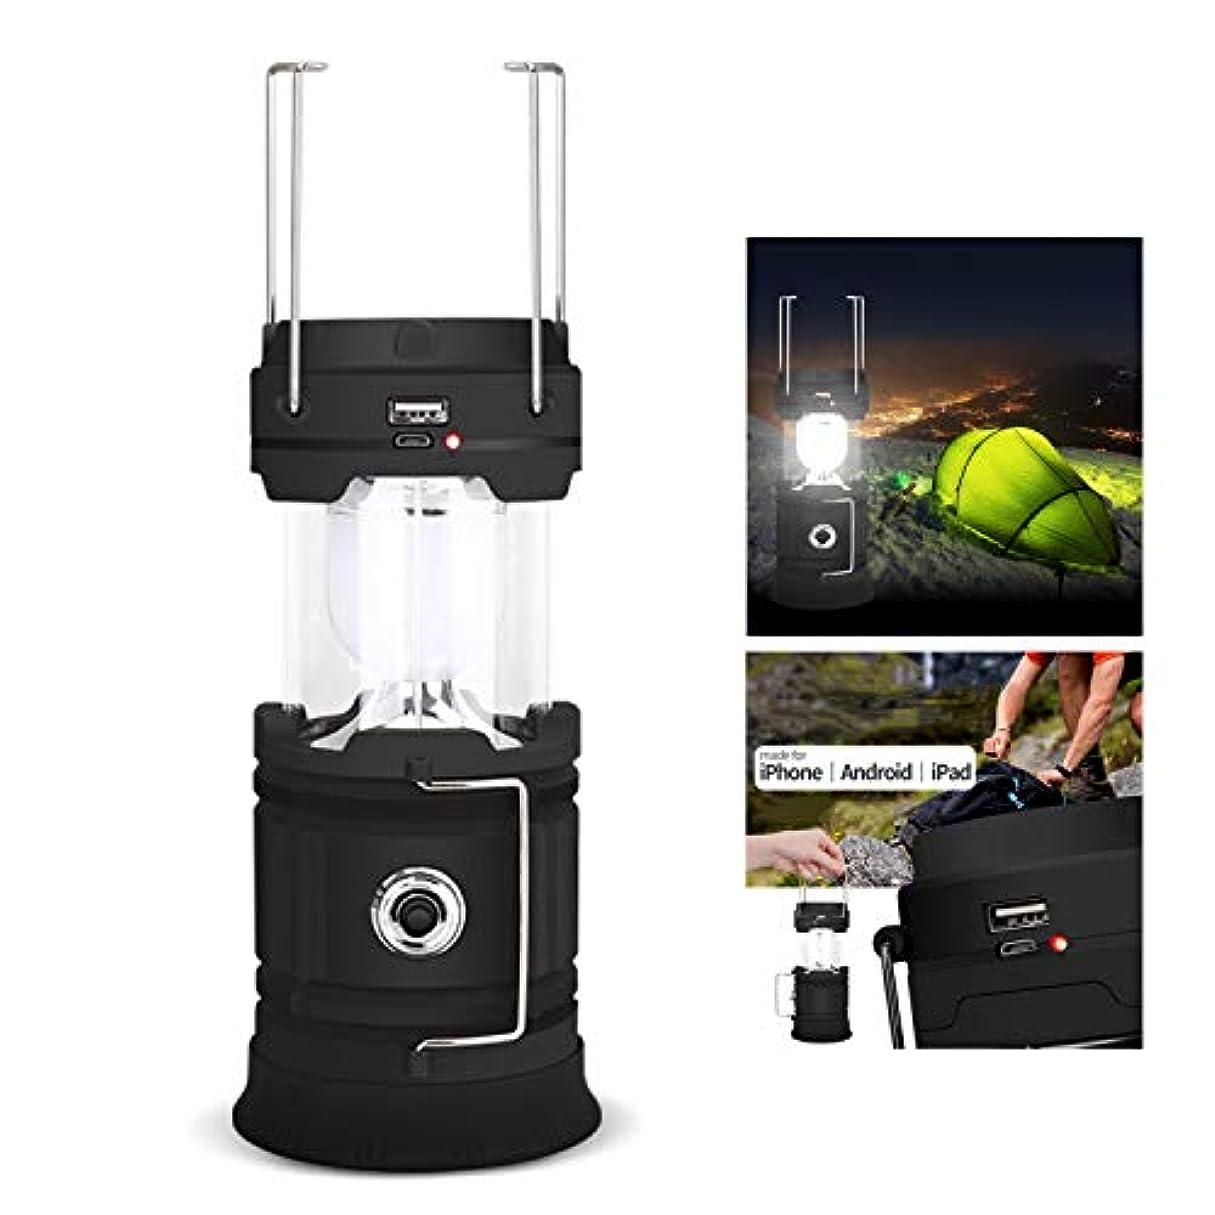 一次深さつづり屋外ソーラー充電緊急キャンプテレスコピック馬ライト、LEDポータブルテントキャンプライト、あなたの電話を充電することができます